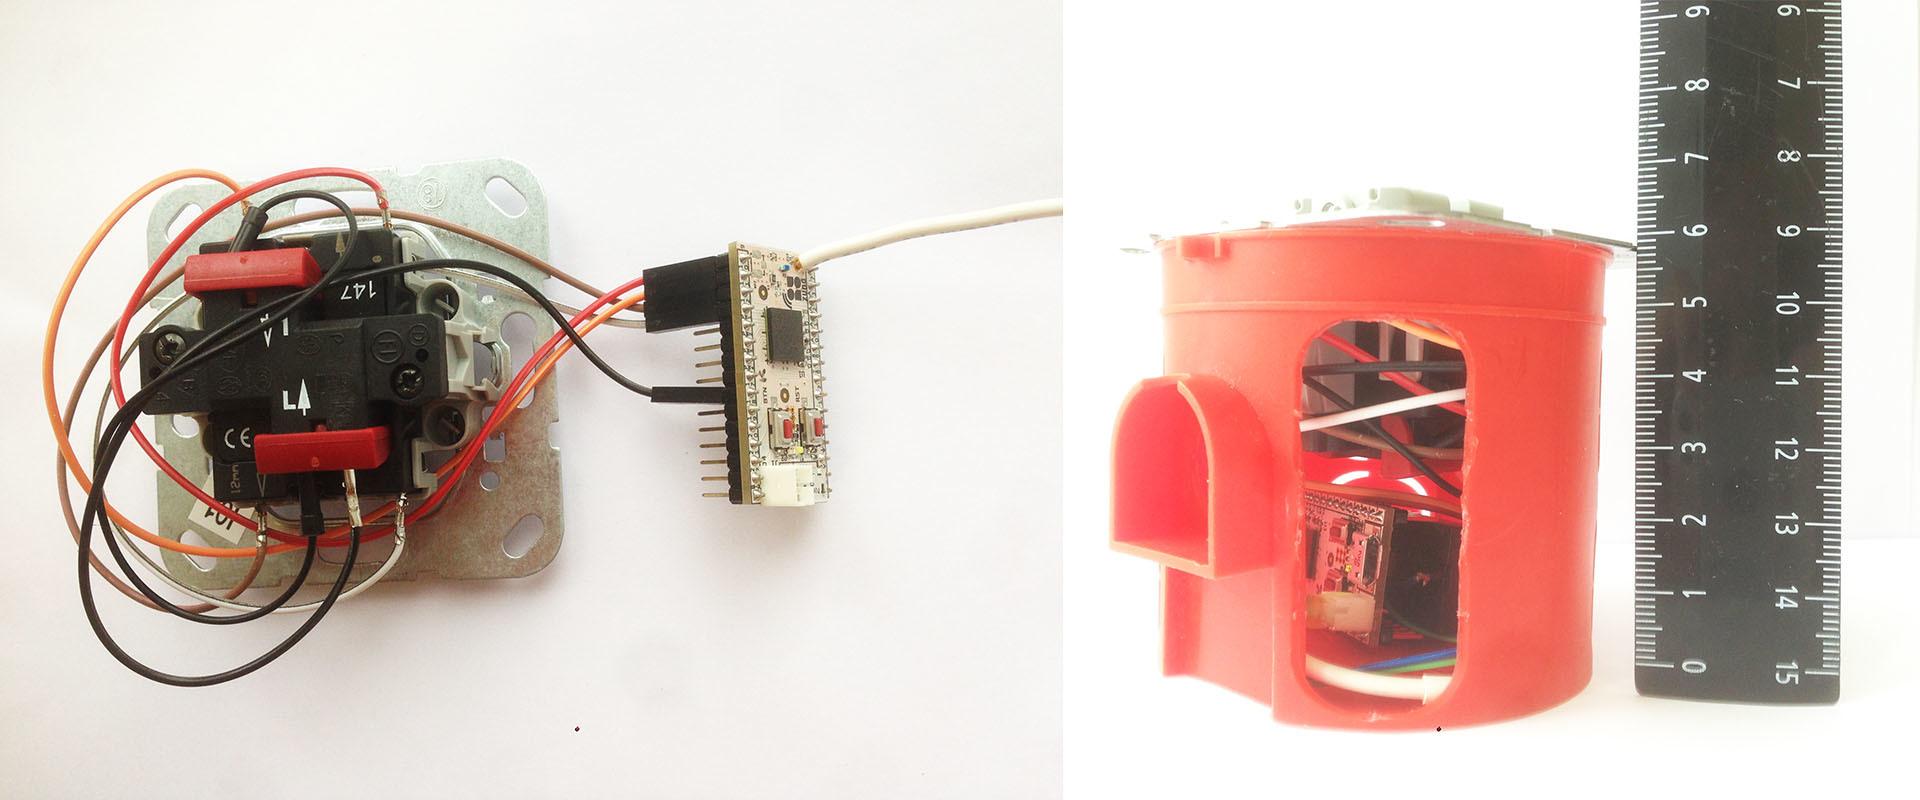 Выключатель Gira + Z-Wave. 4-кнопочный радио выключатель на базе Z-Uno - 5